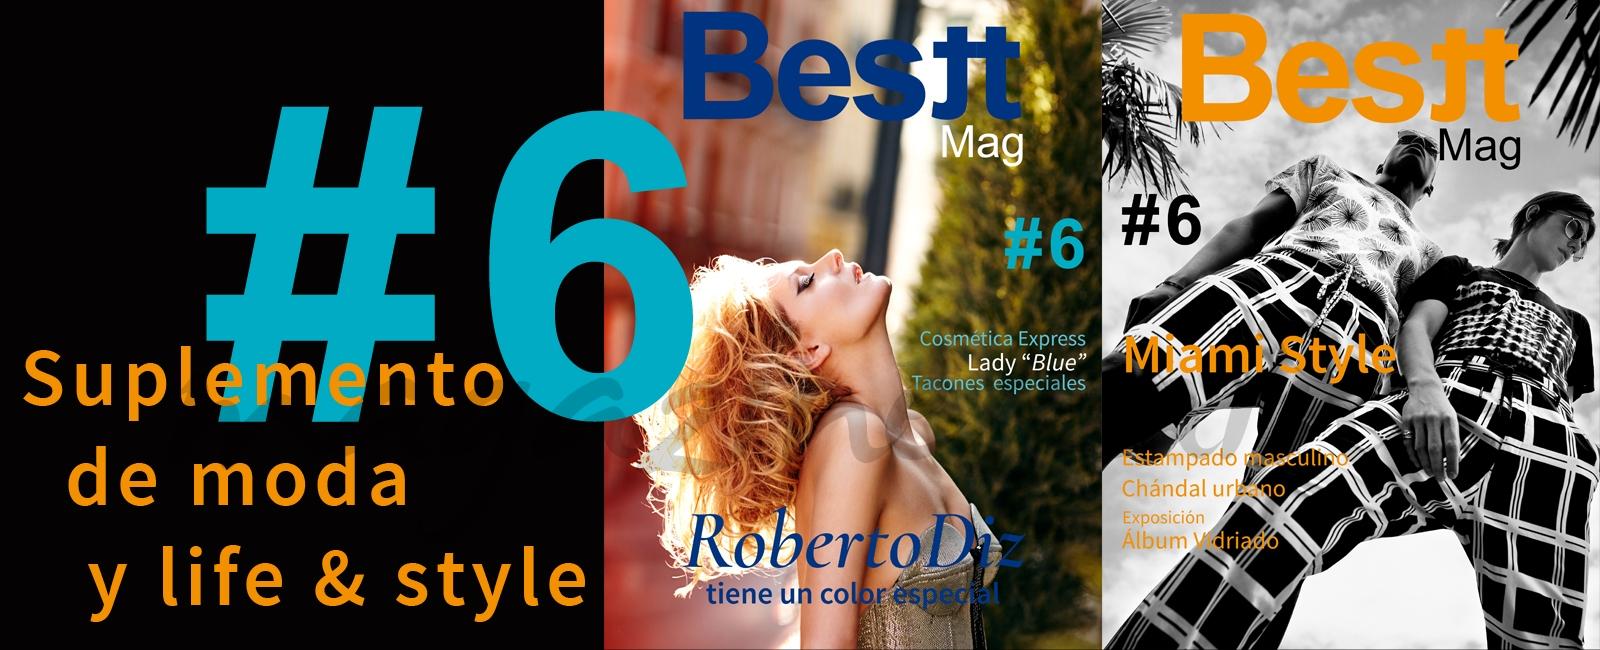 Bestt Mag #6